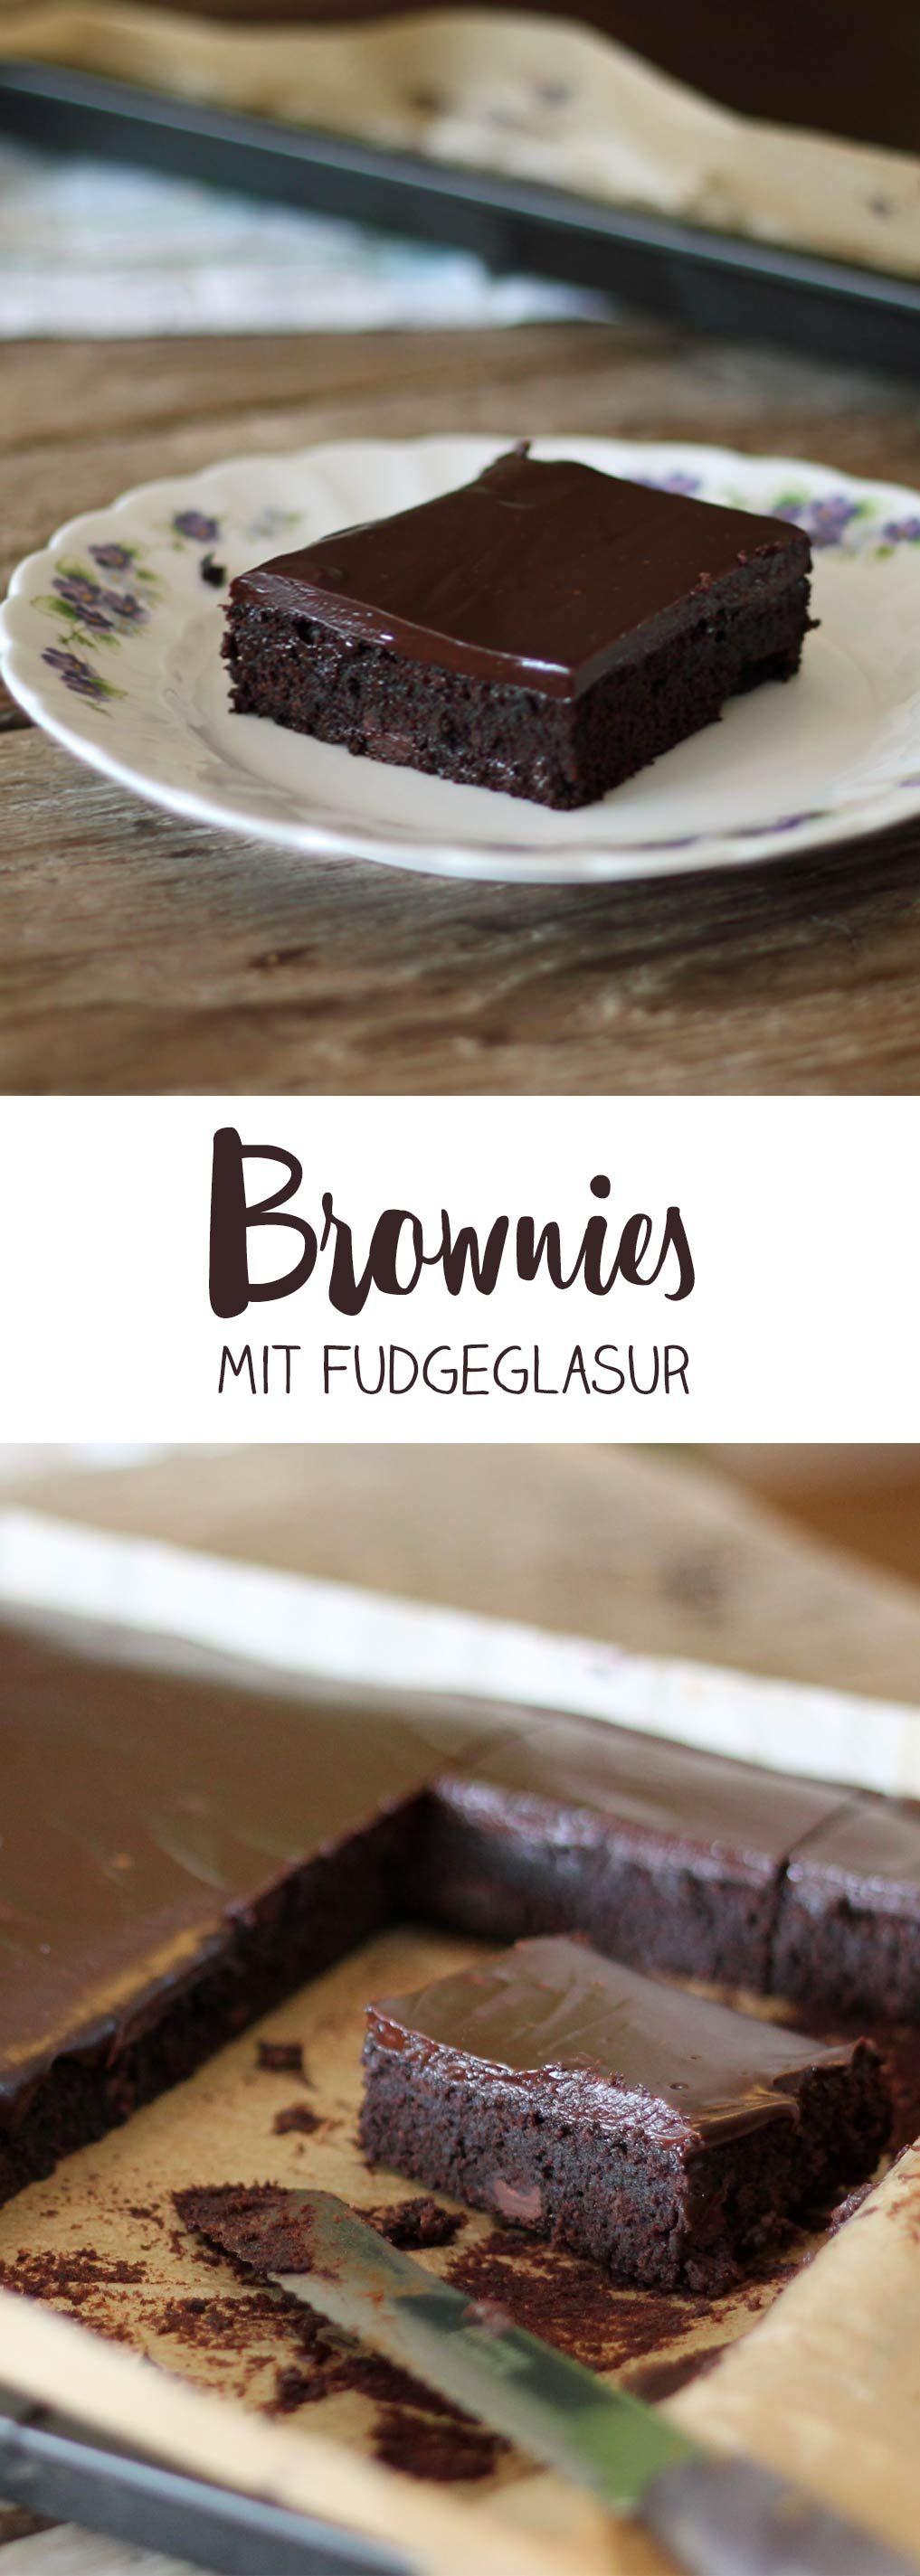 Sonntagskuchen Brownies mit Fudge-Glasur - schokoladiges Rezept